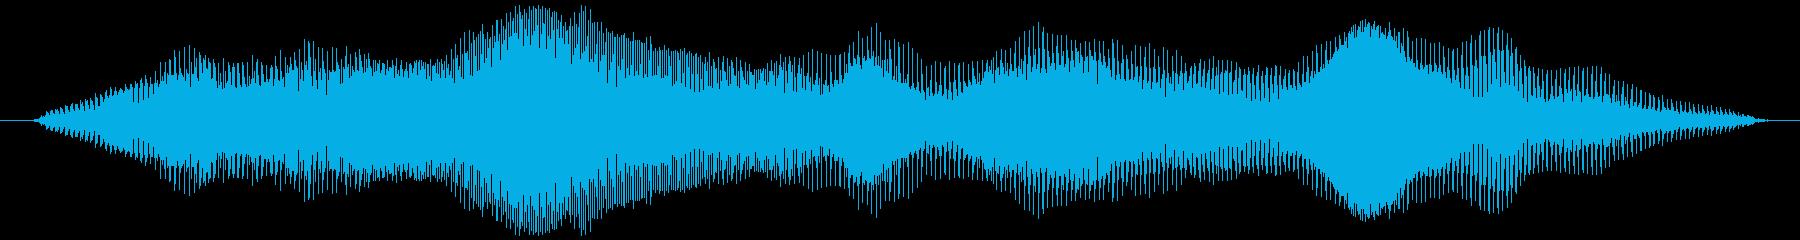 グラビティチューブ(下降、長め)ミョーンの再生済みの波形